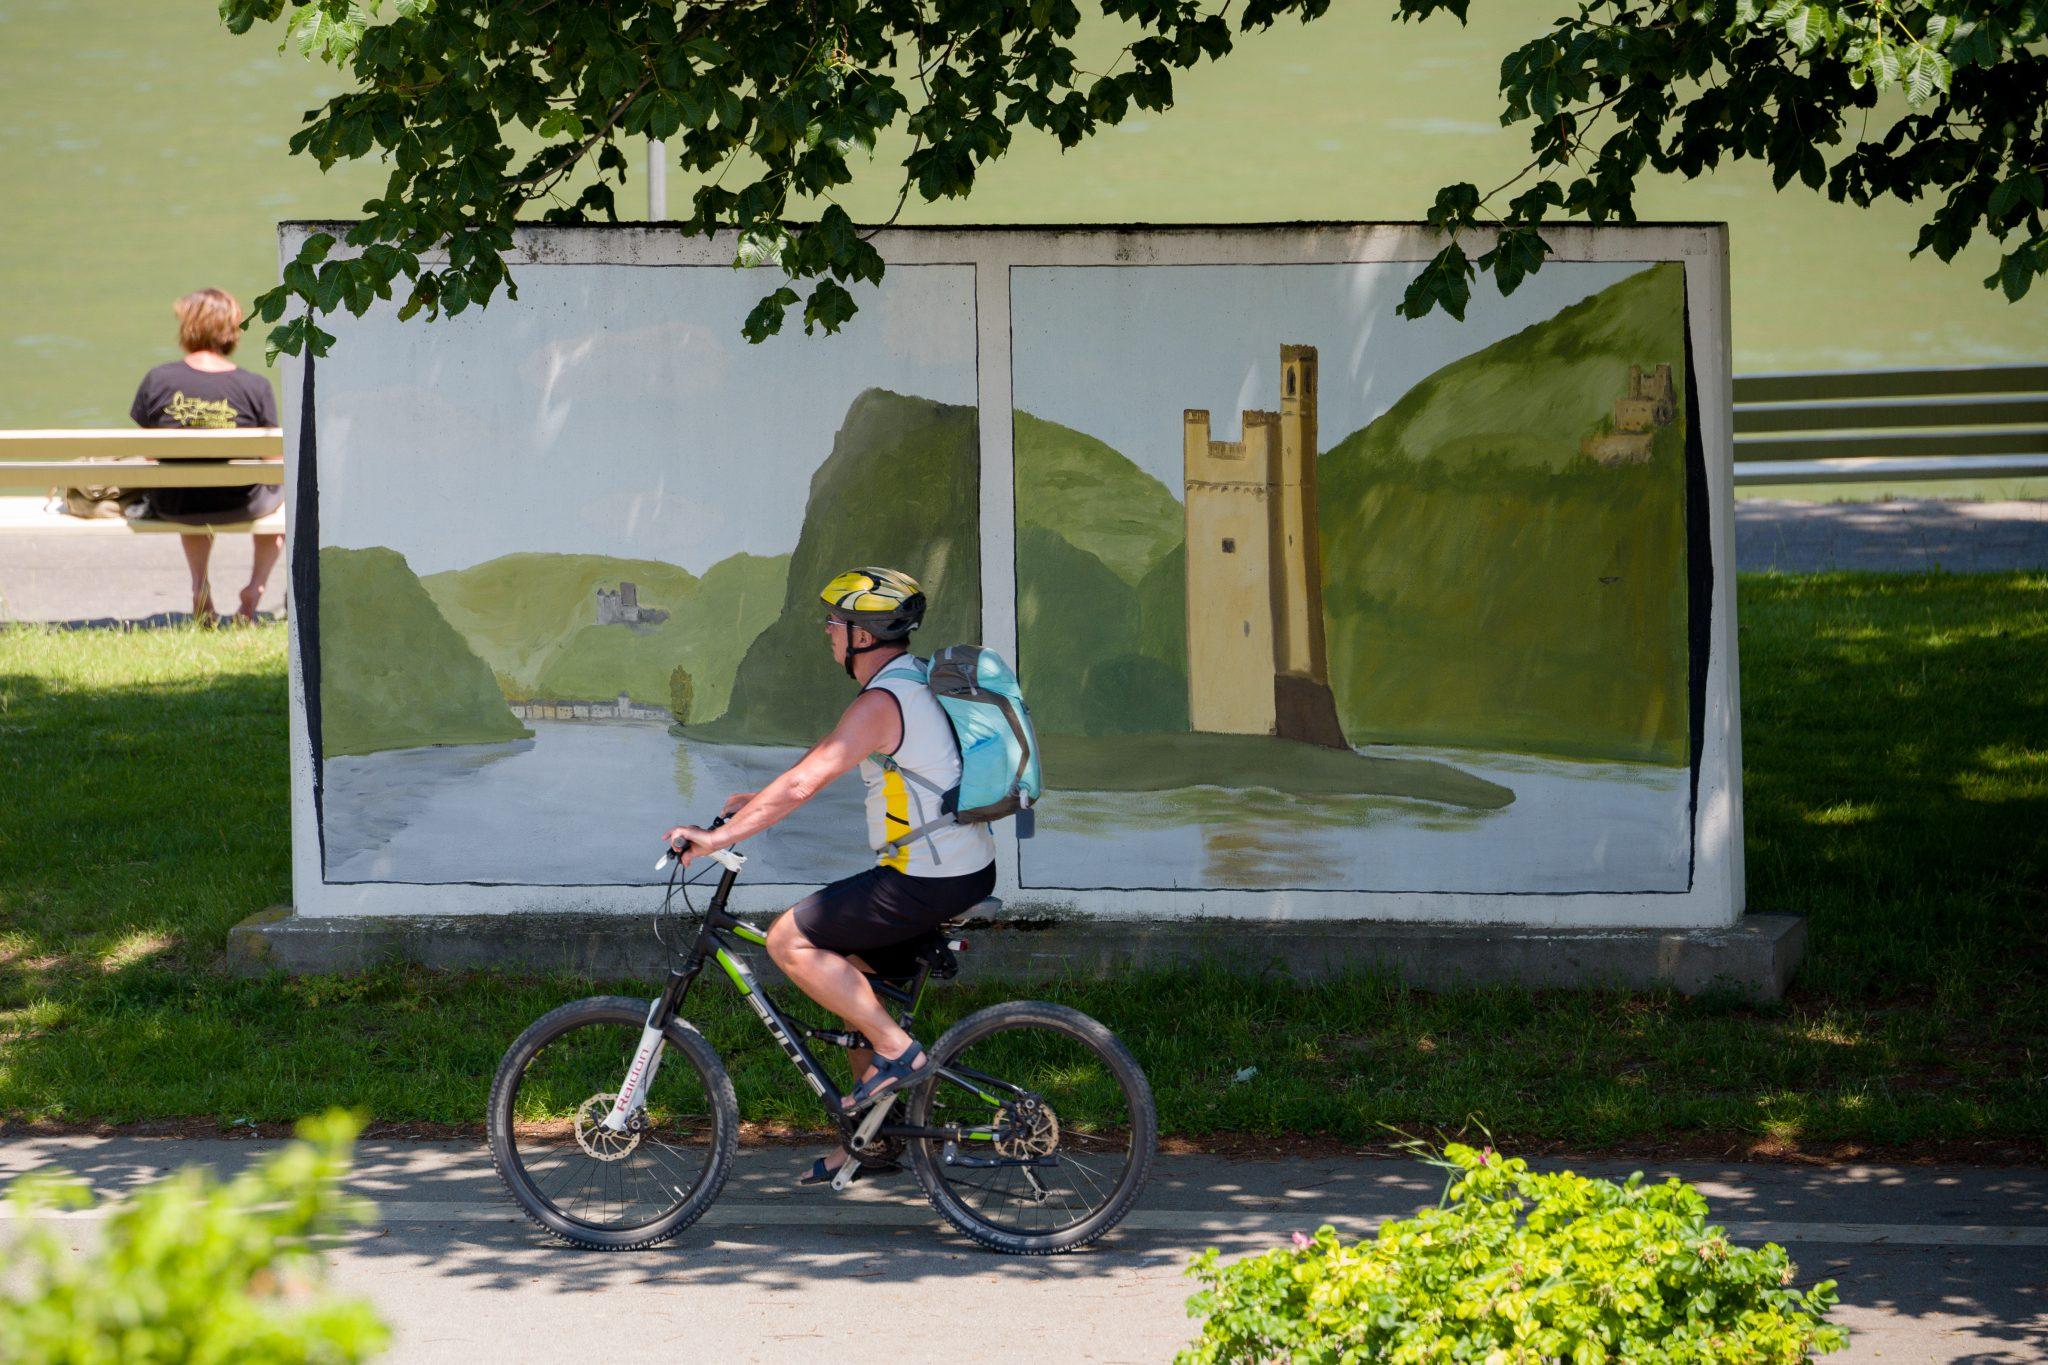 Radfahrer am Rheinufer in Oberwesel. (Foto: Piel media)